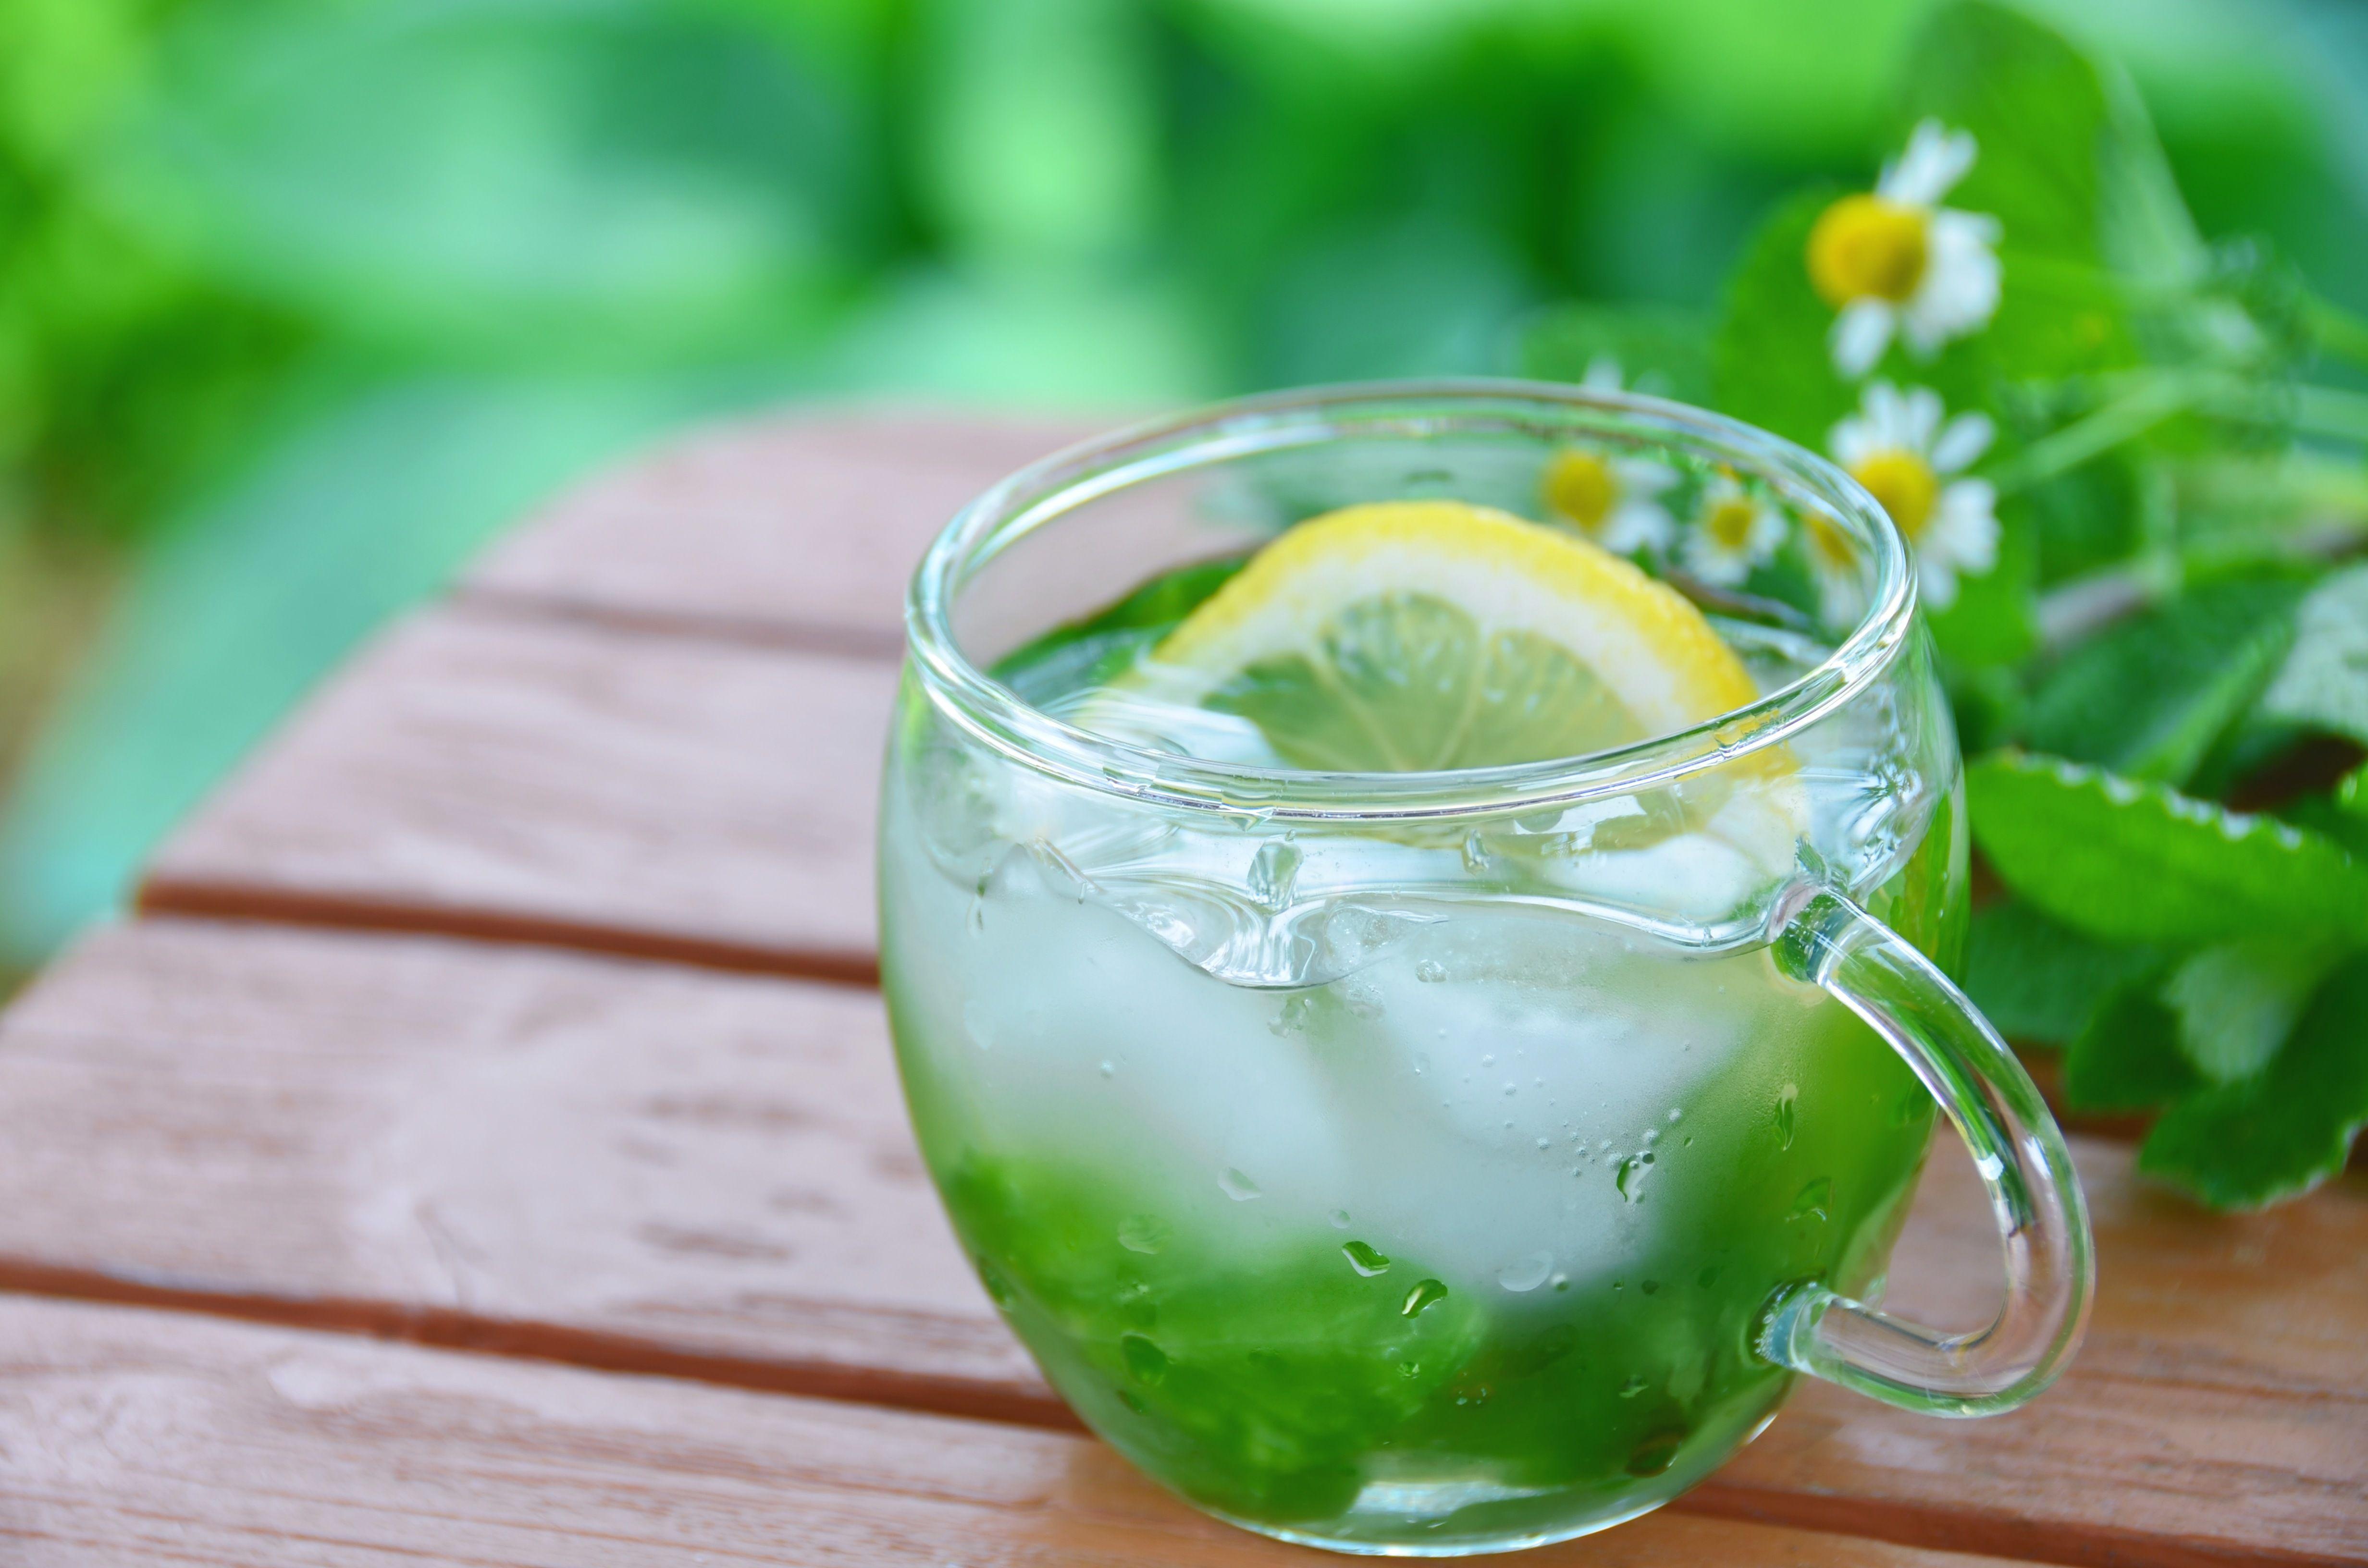 En verano, las infusiones mejor con hielo.